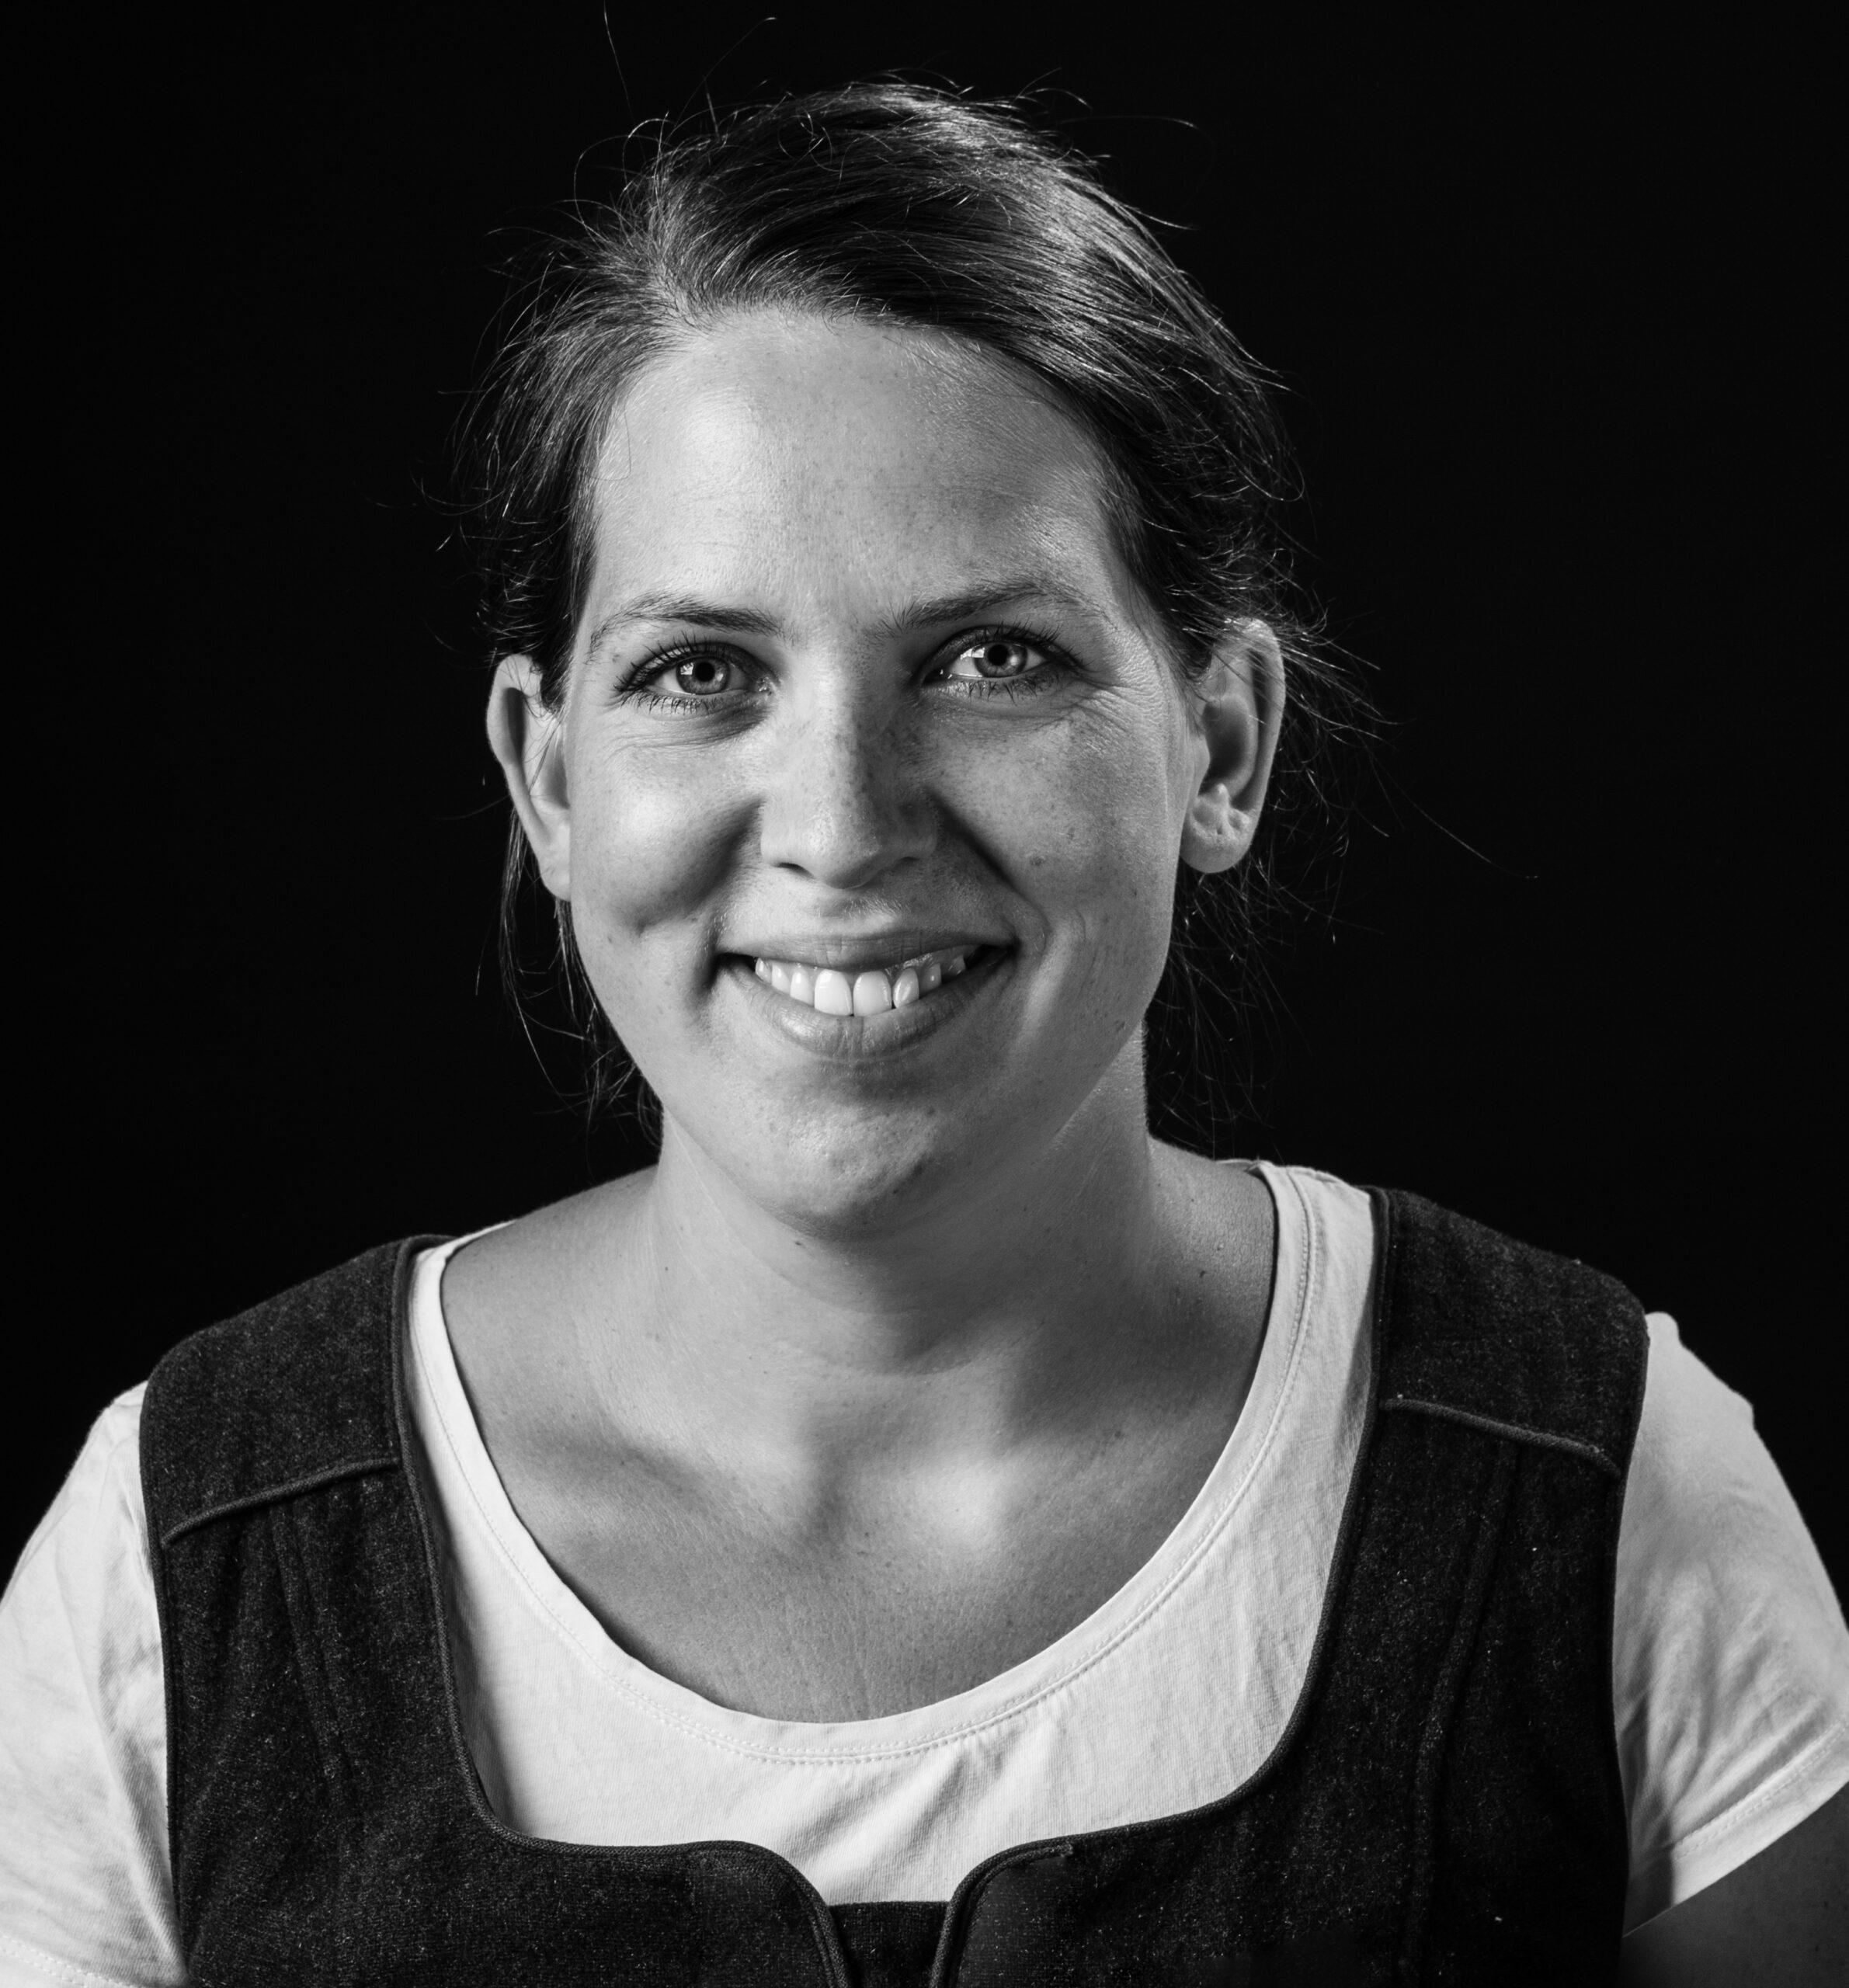 Lina Pellerito